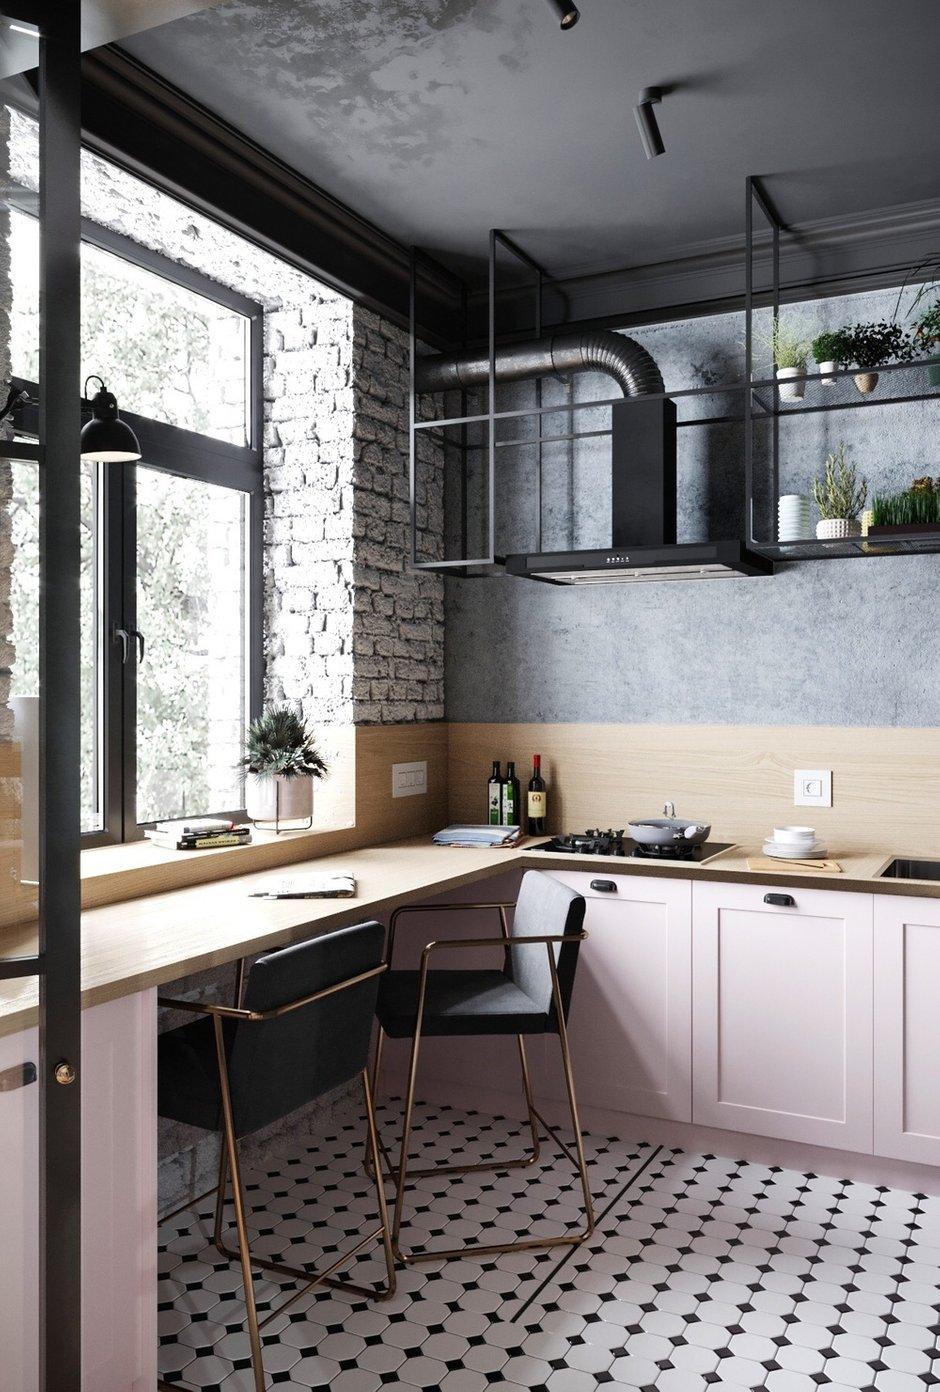 Фотография: Кухня и столовая в стиле Лофт, Эклектика, Квартира, Проект недели, Москва, 3 комнаты, 60-90 метров, Анна Показаньева – фото на INMYROOM